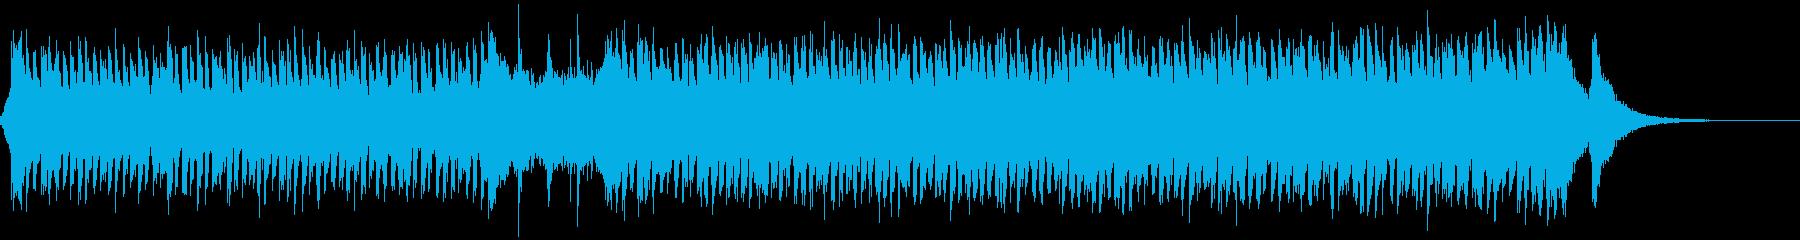 ダンサブルで楽しいハロウィン楽曲の再生済みの波形